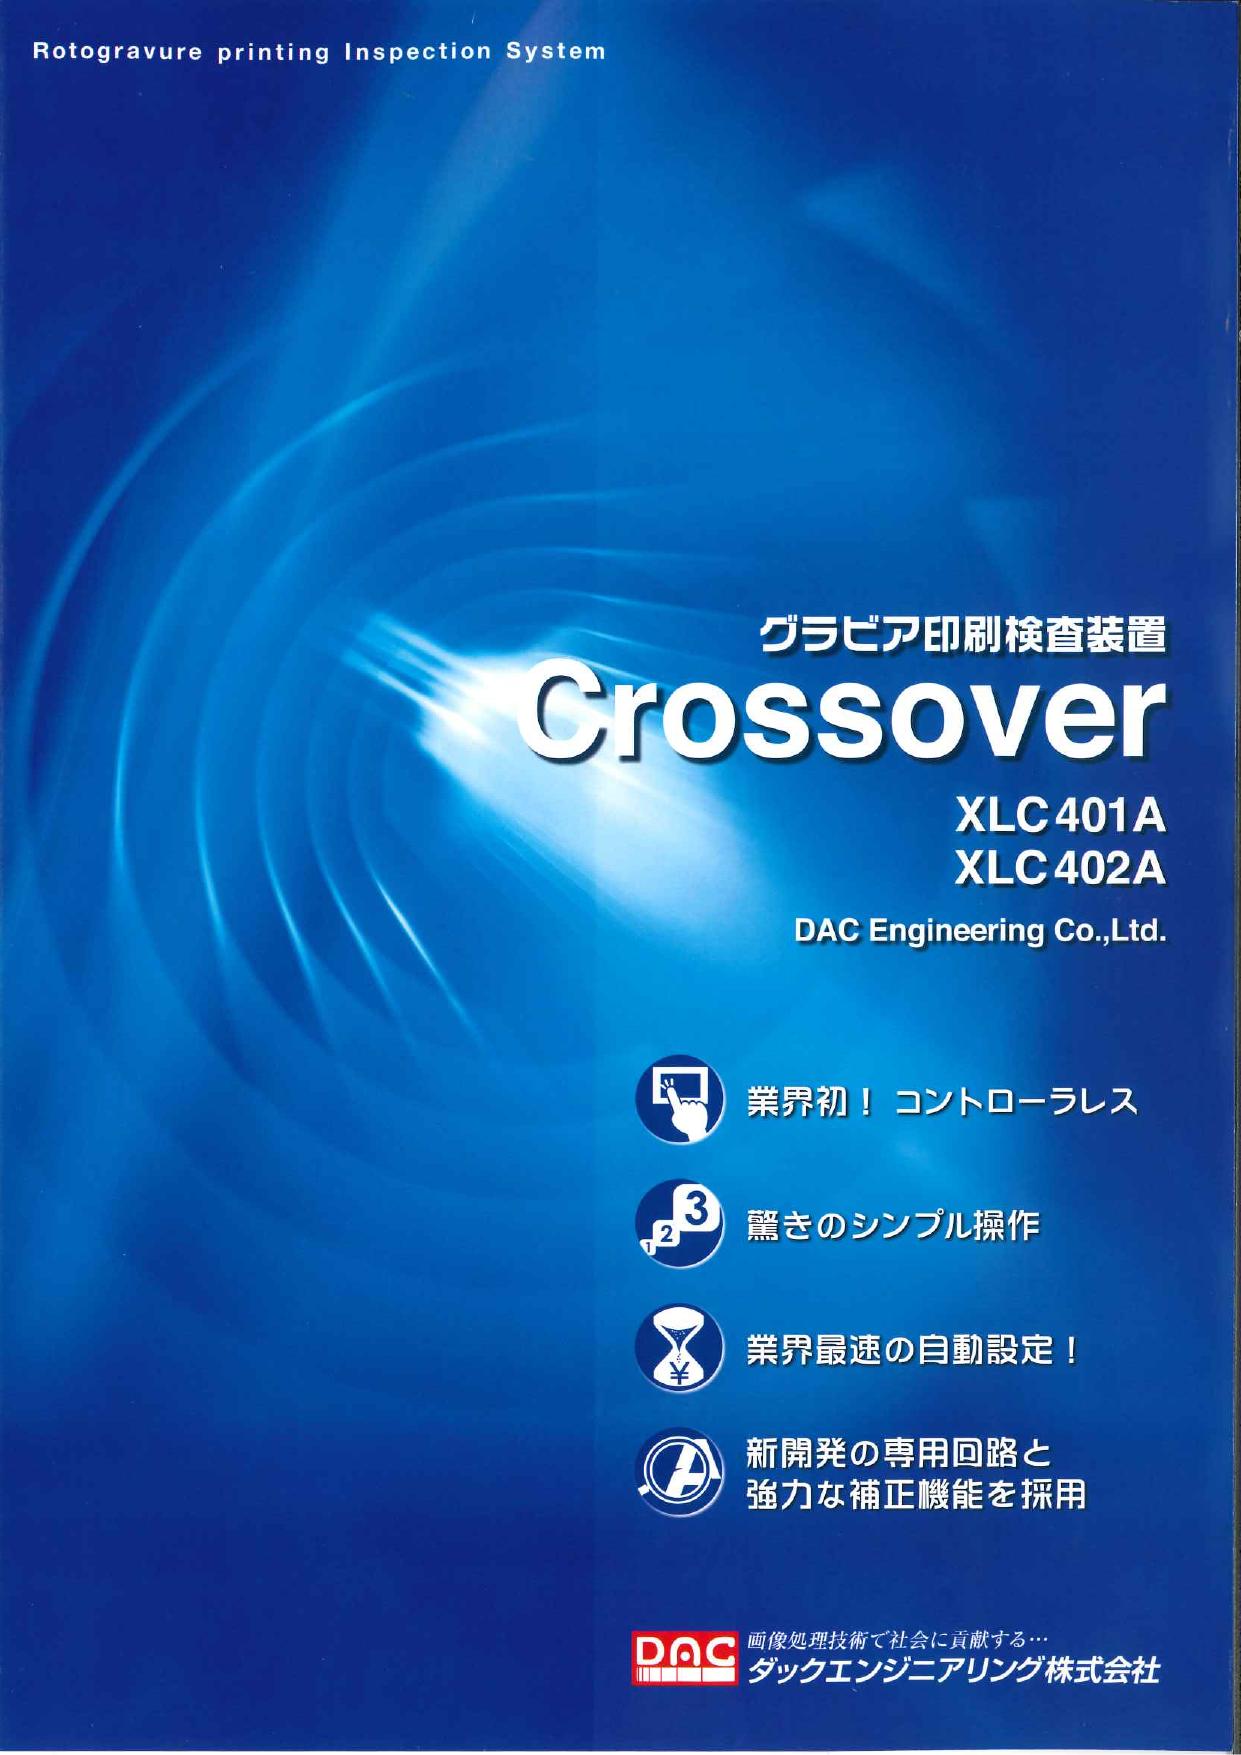 グラビア印刷検査装置 Crossover XLC401A/XLC402A